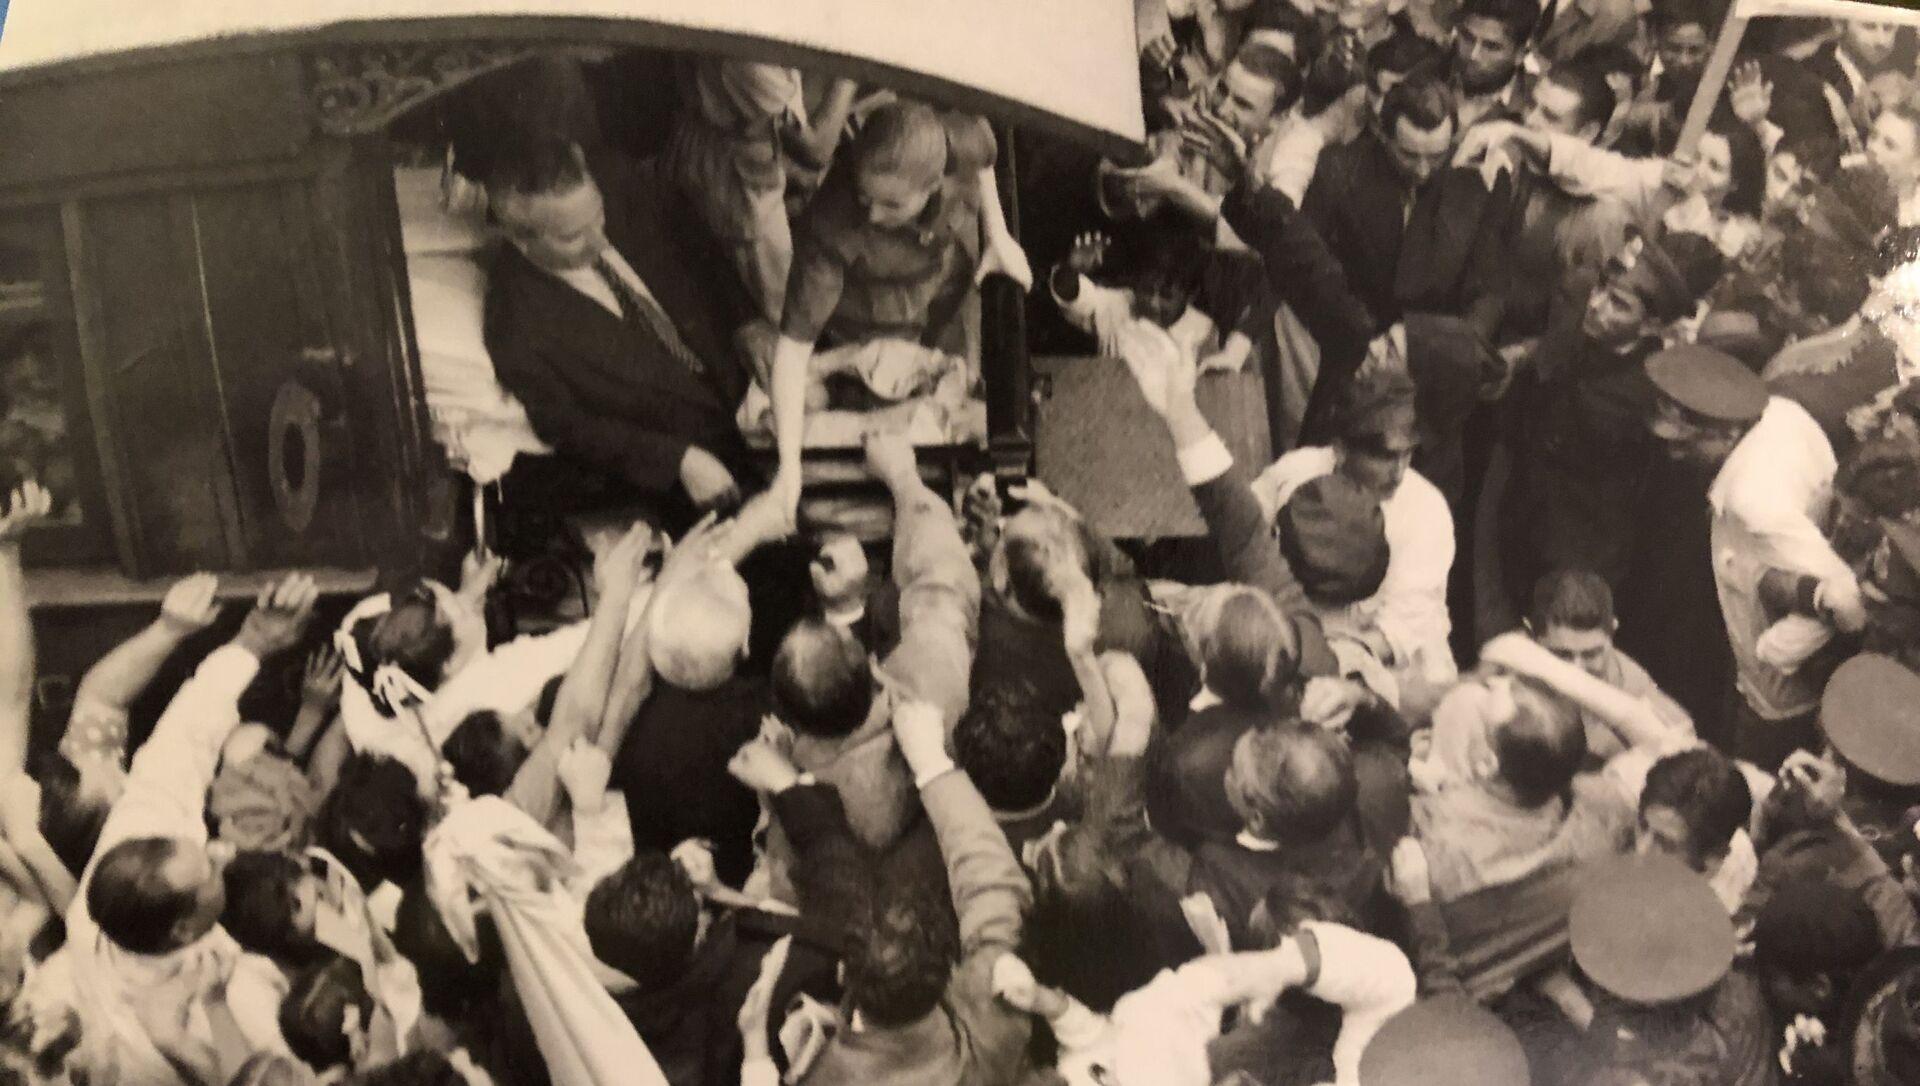 Hace 68 años, casi un millón de personas clamaron por la fórmula Perón-Perón en Argentina, Museo Evita en Buenos Aires - Sputnik Mundo, 1920, 22.08.2019